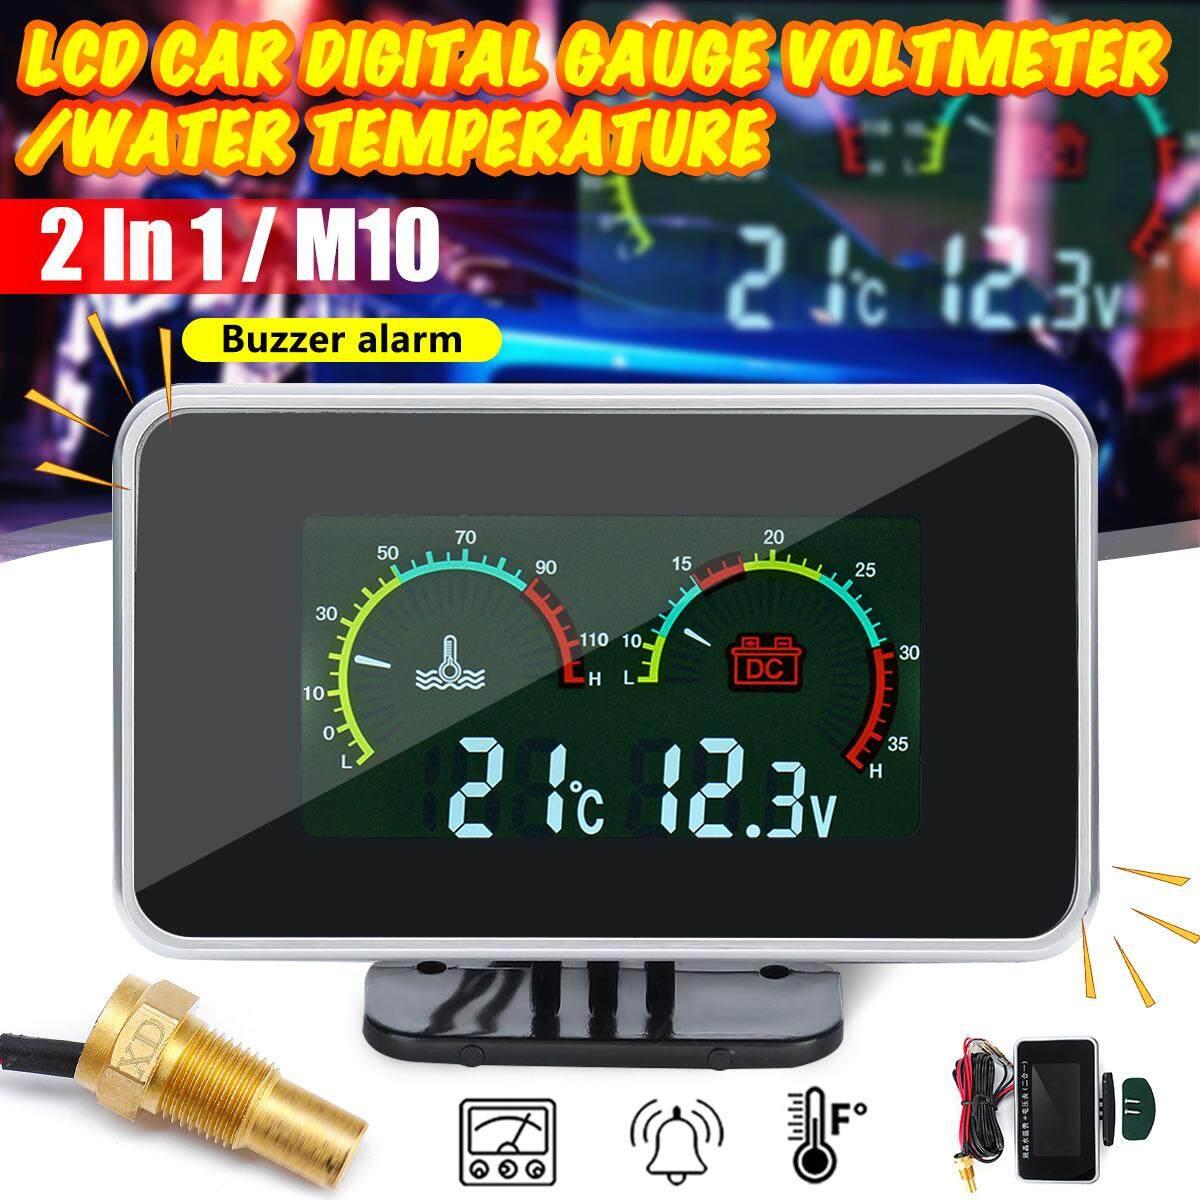 【Free Pengiriman + Flash Deal】2in1 LCD Alat Pengukur Digital Tegangan Tekanan/Suhu Air Meter W/Alarm M10-40-50 ℃